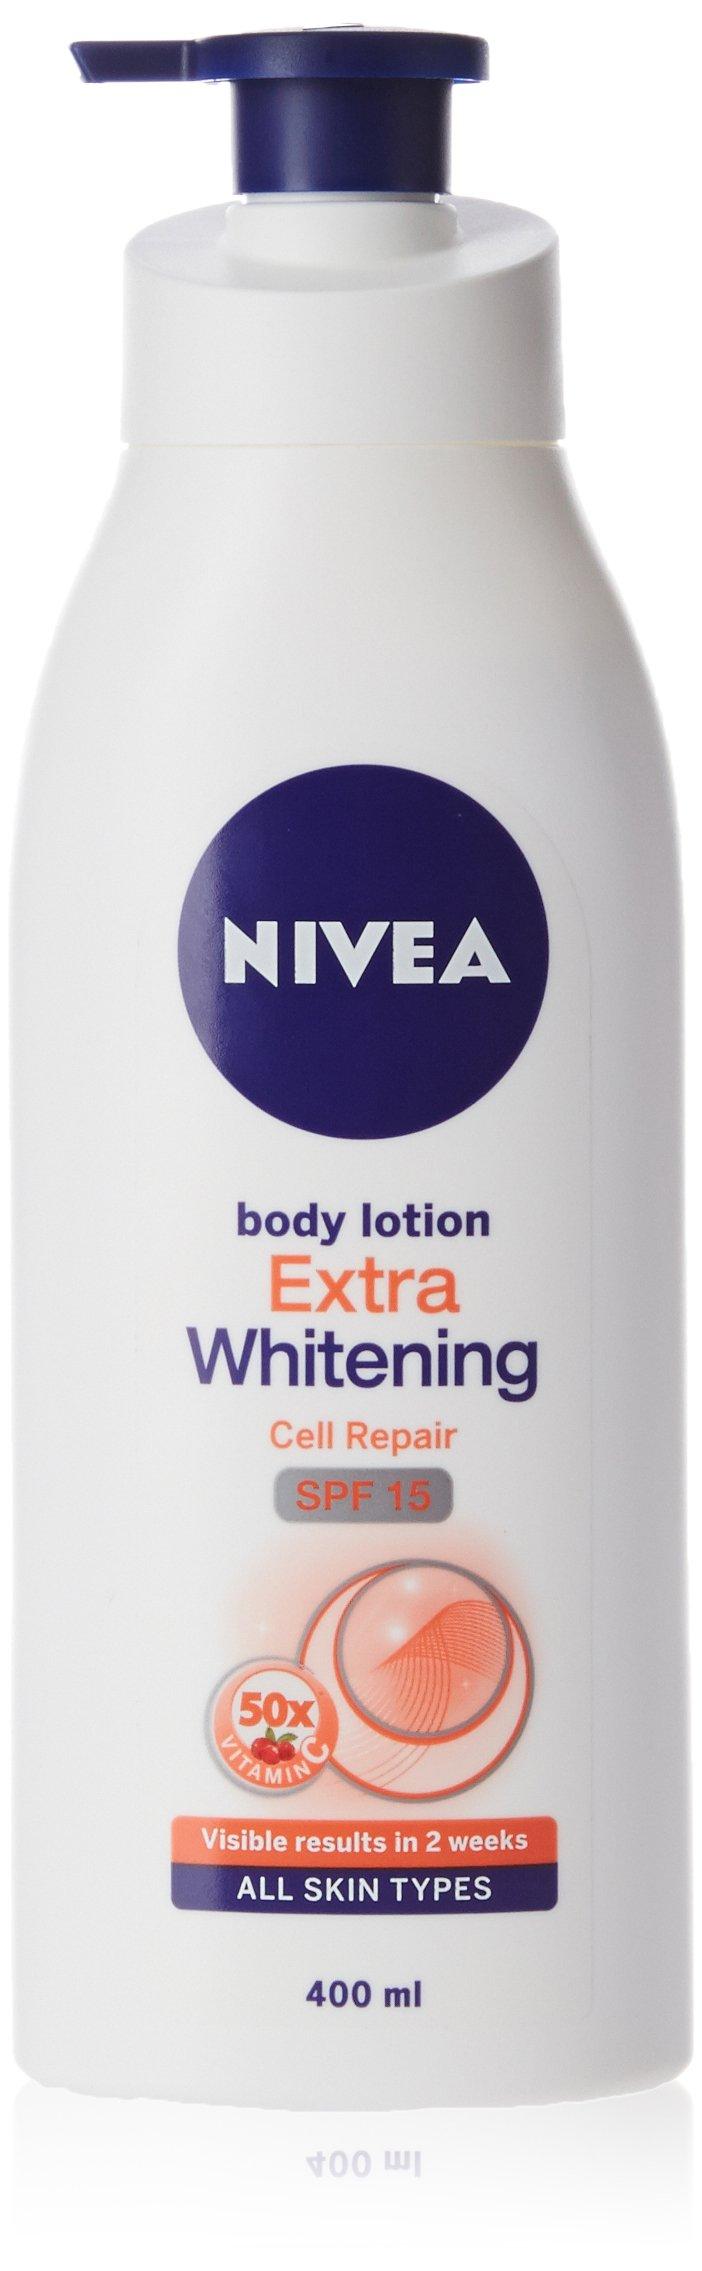 Nivea Extra Whitening Cell Repair Body Lotion Spf 15 400ml Amazon White Firming Spf15 400 Ml